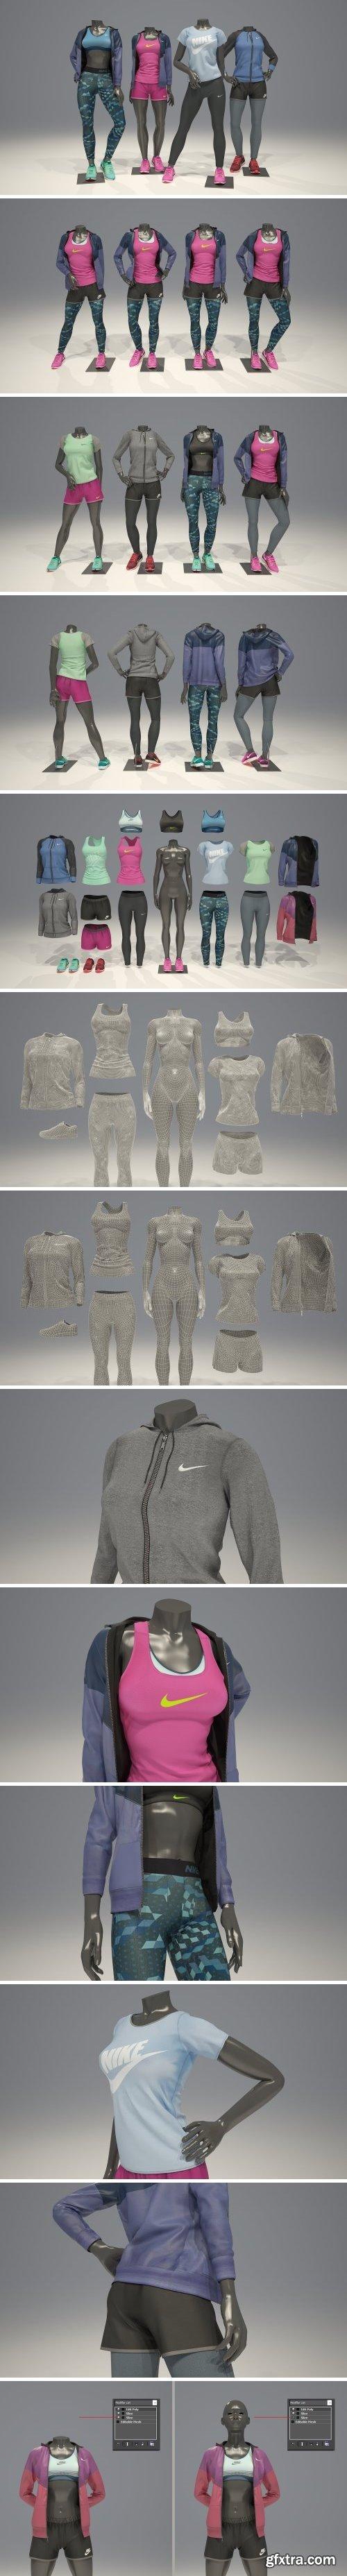 CM - Female mannequin Nike pack 2 2126478